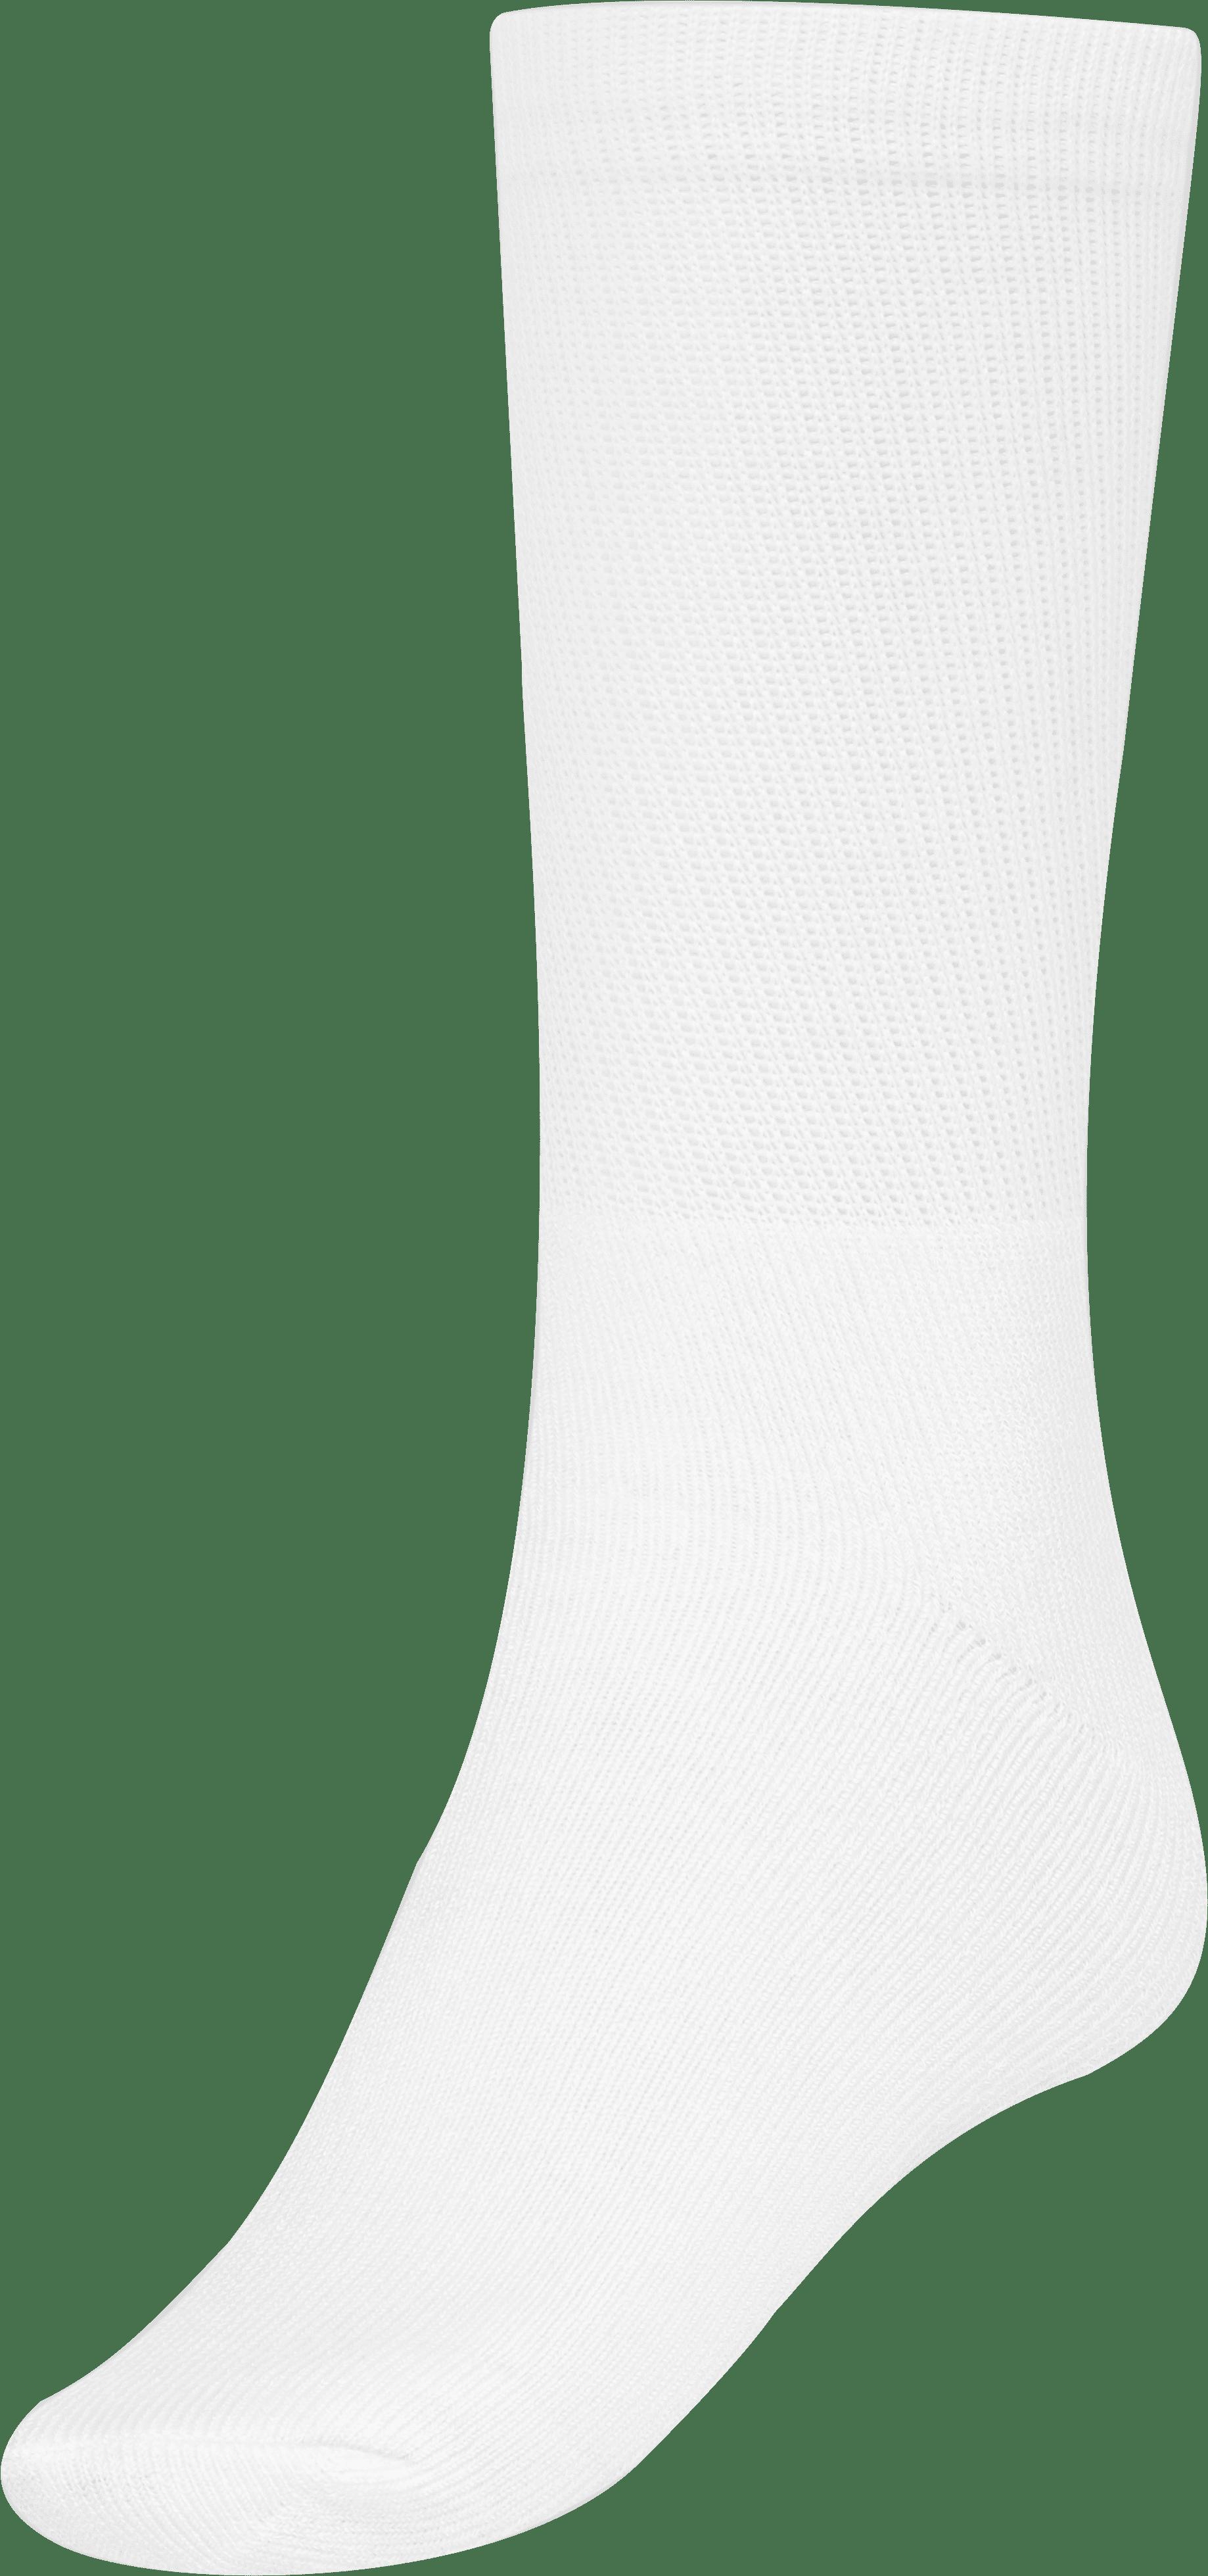 soles white socks